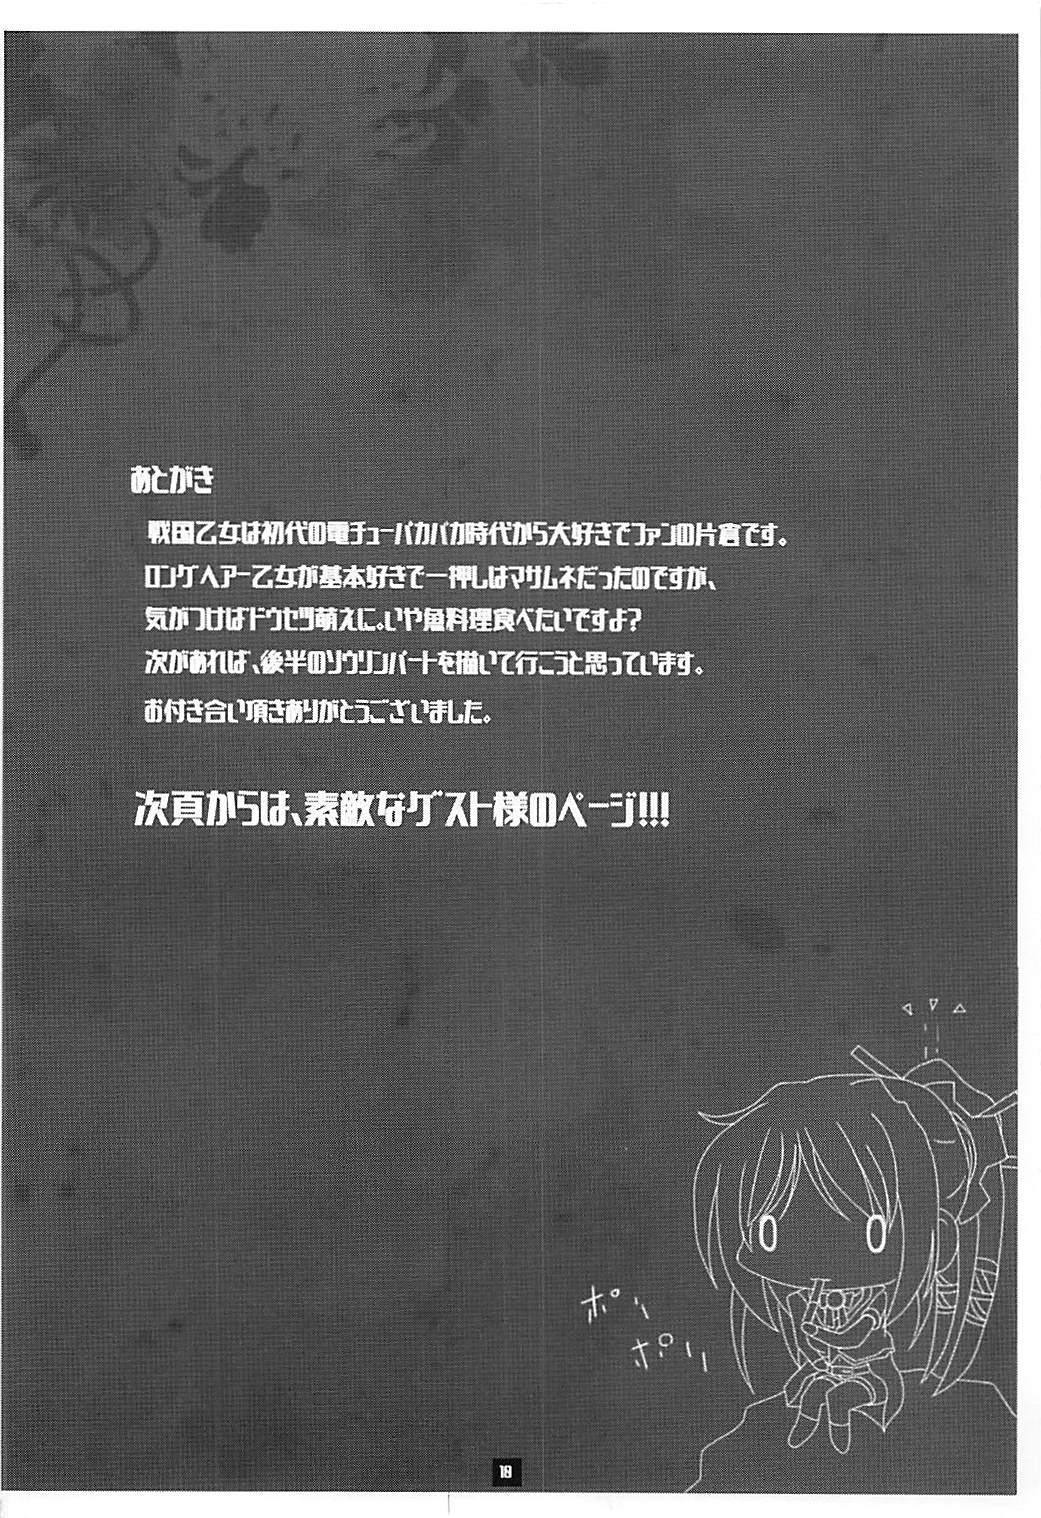 Dousetsu NTR 8